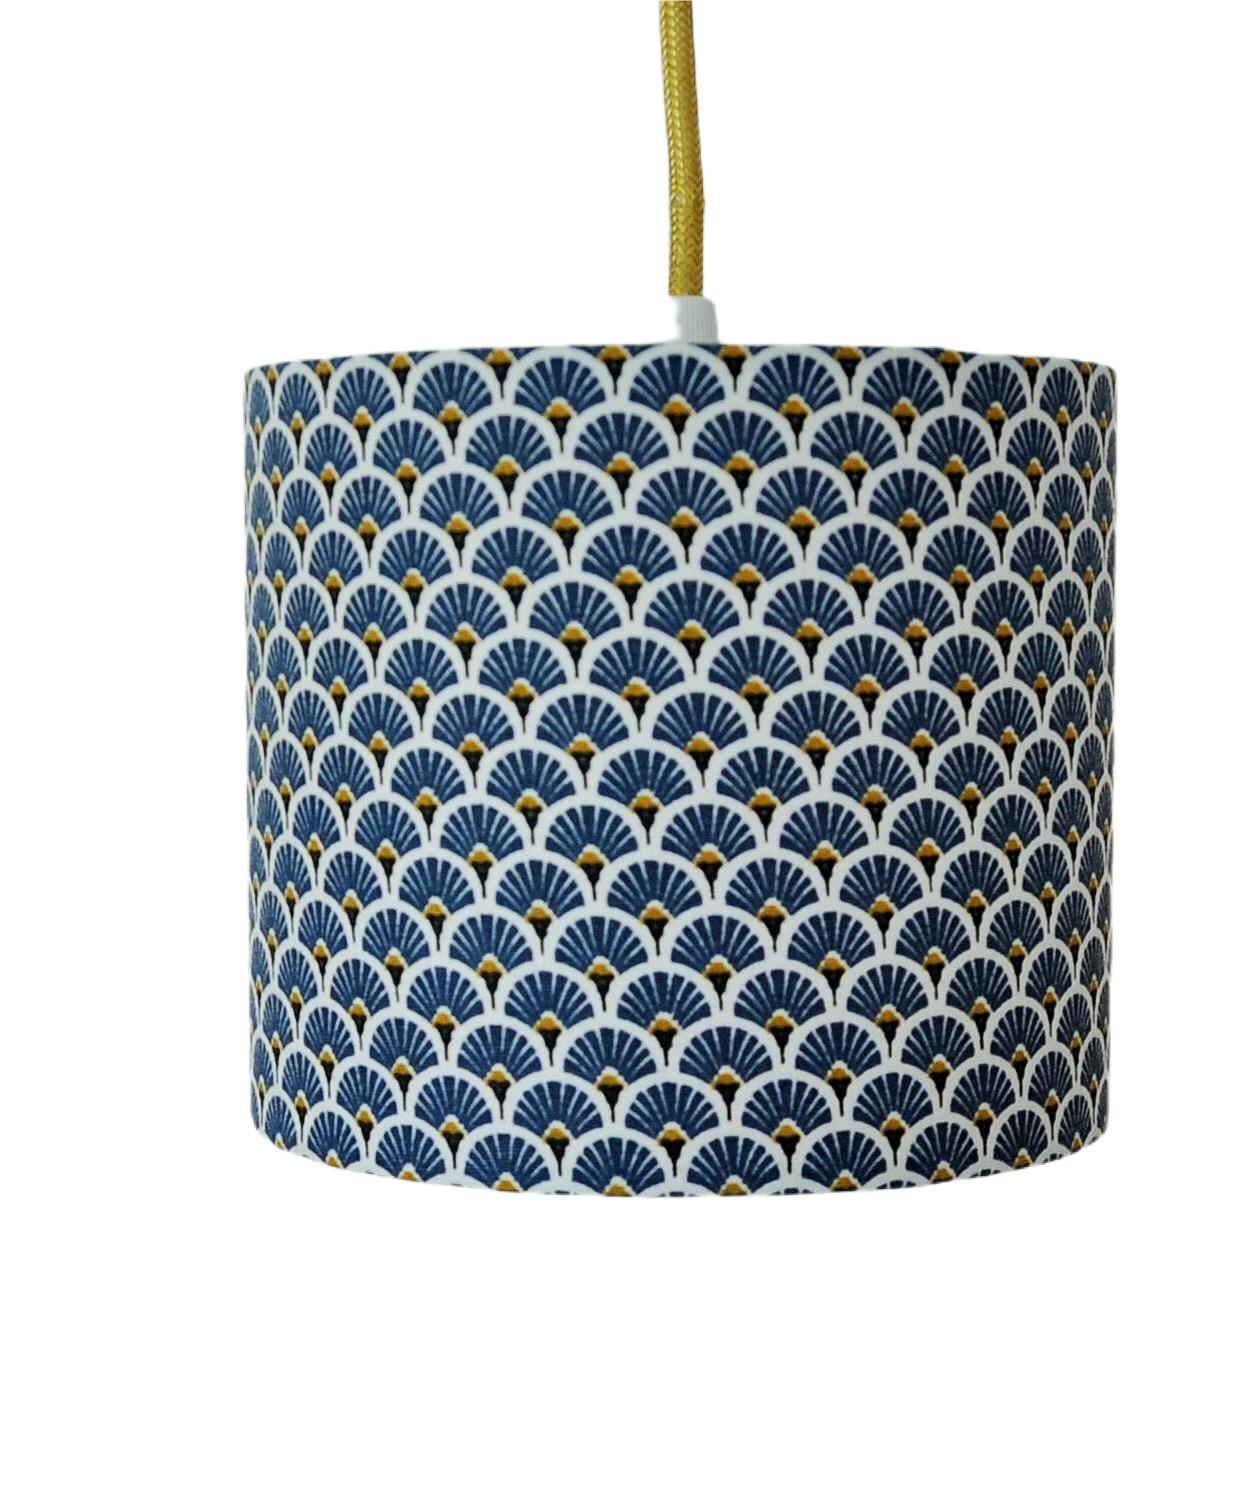 Suspension eventail bleu et or diamètre 35 cm